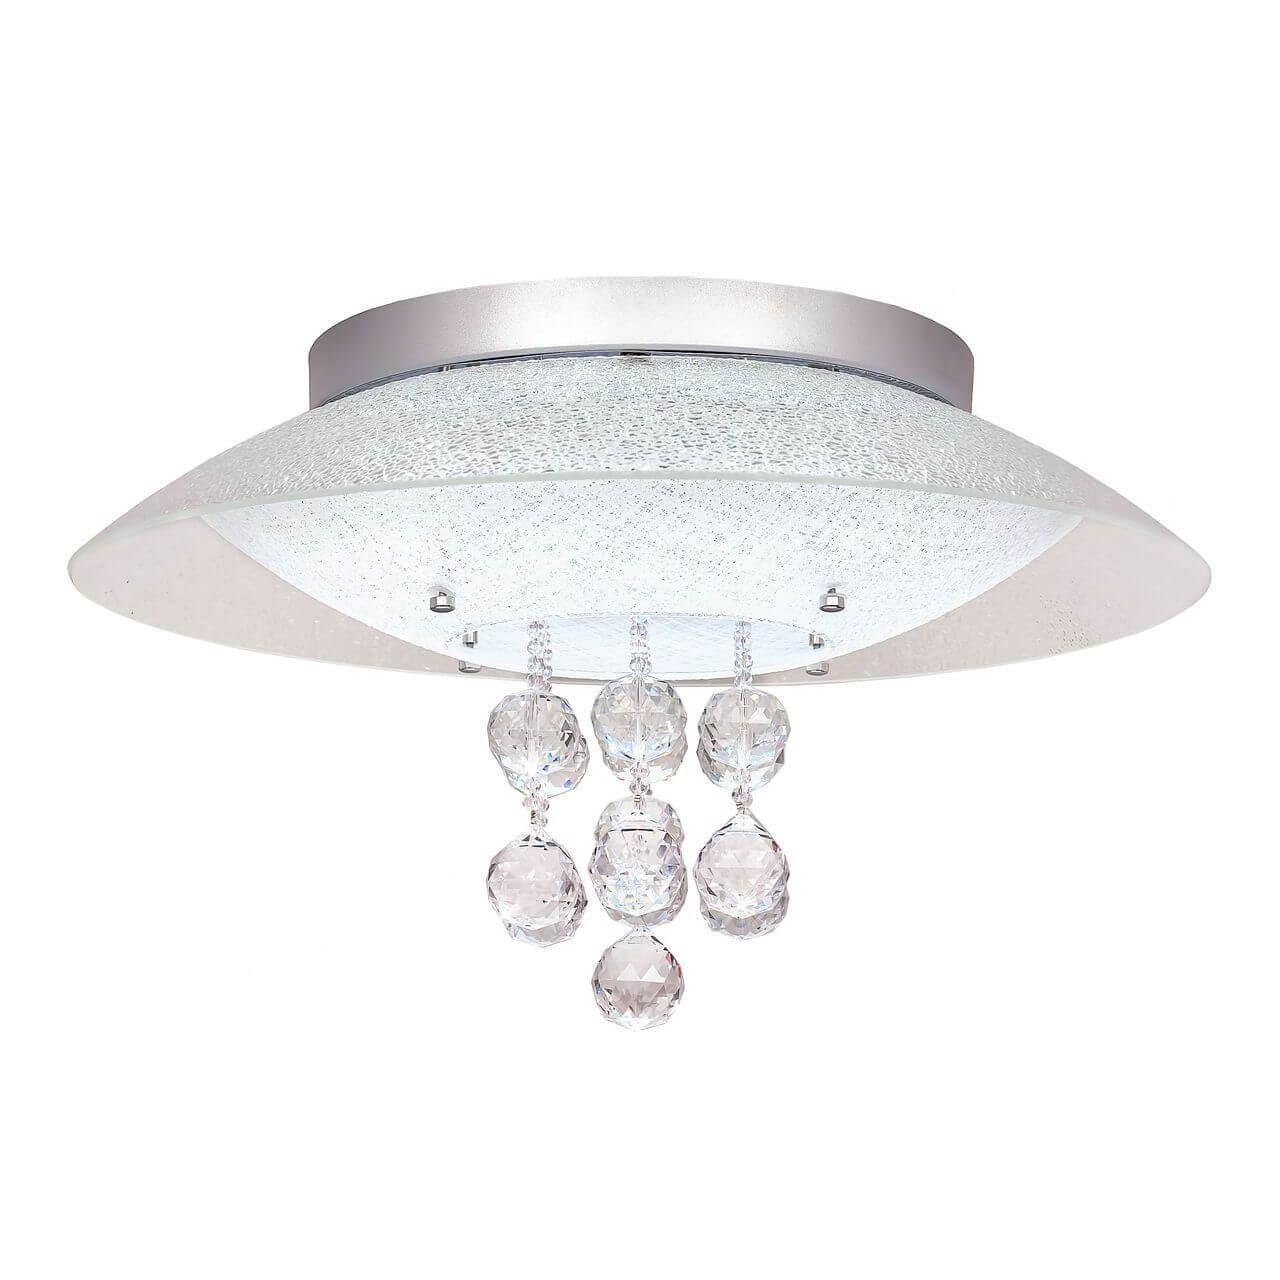 Потолочный светильник Silver Light 845.50.7, LED, 32 Вт